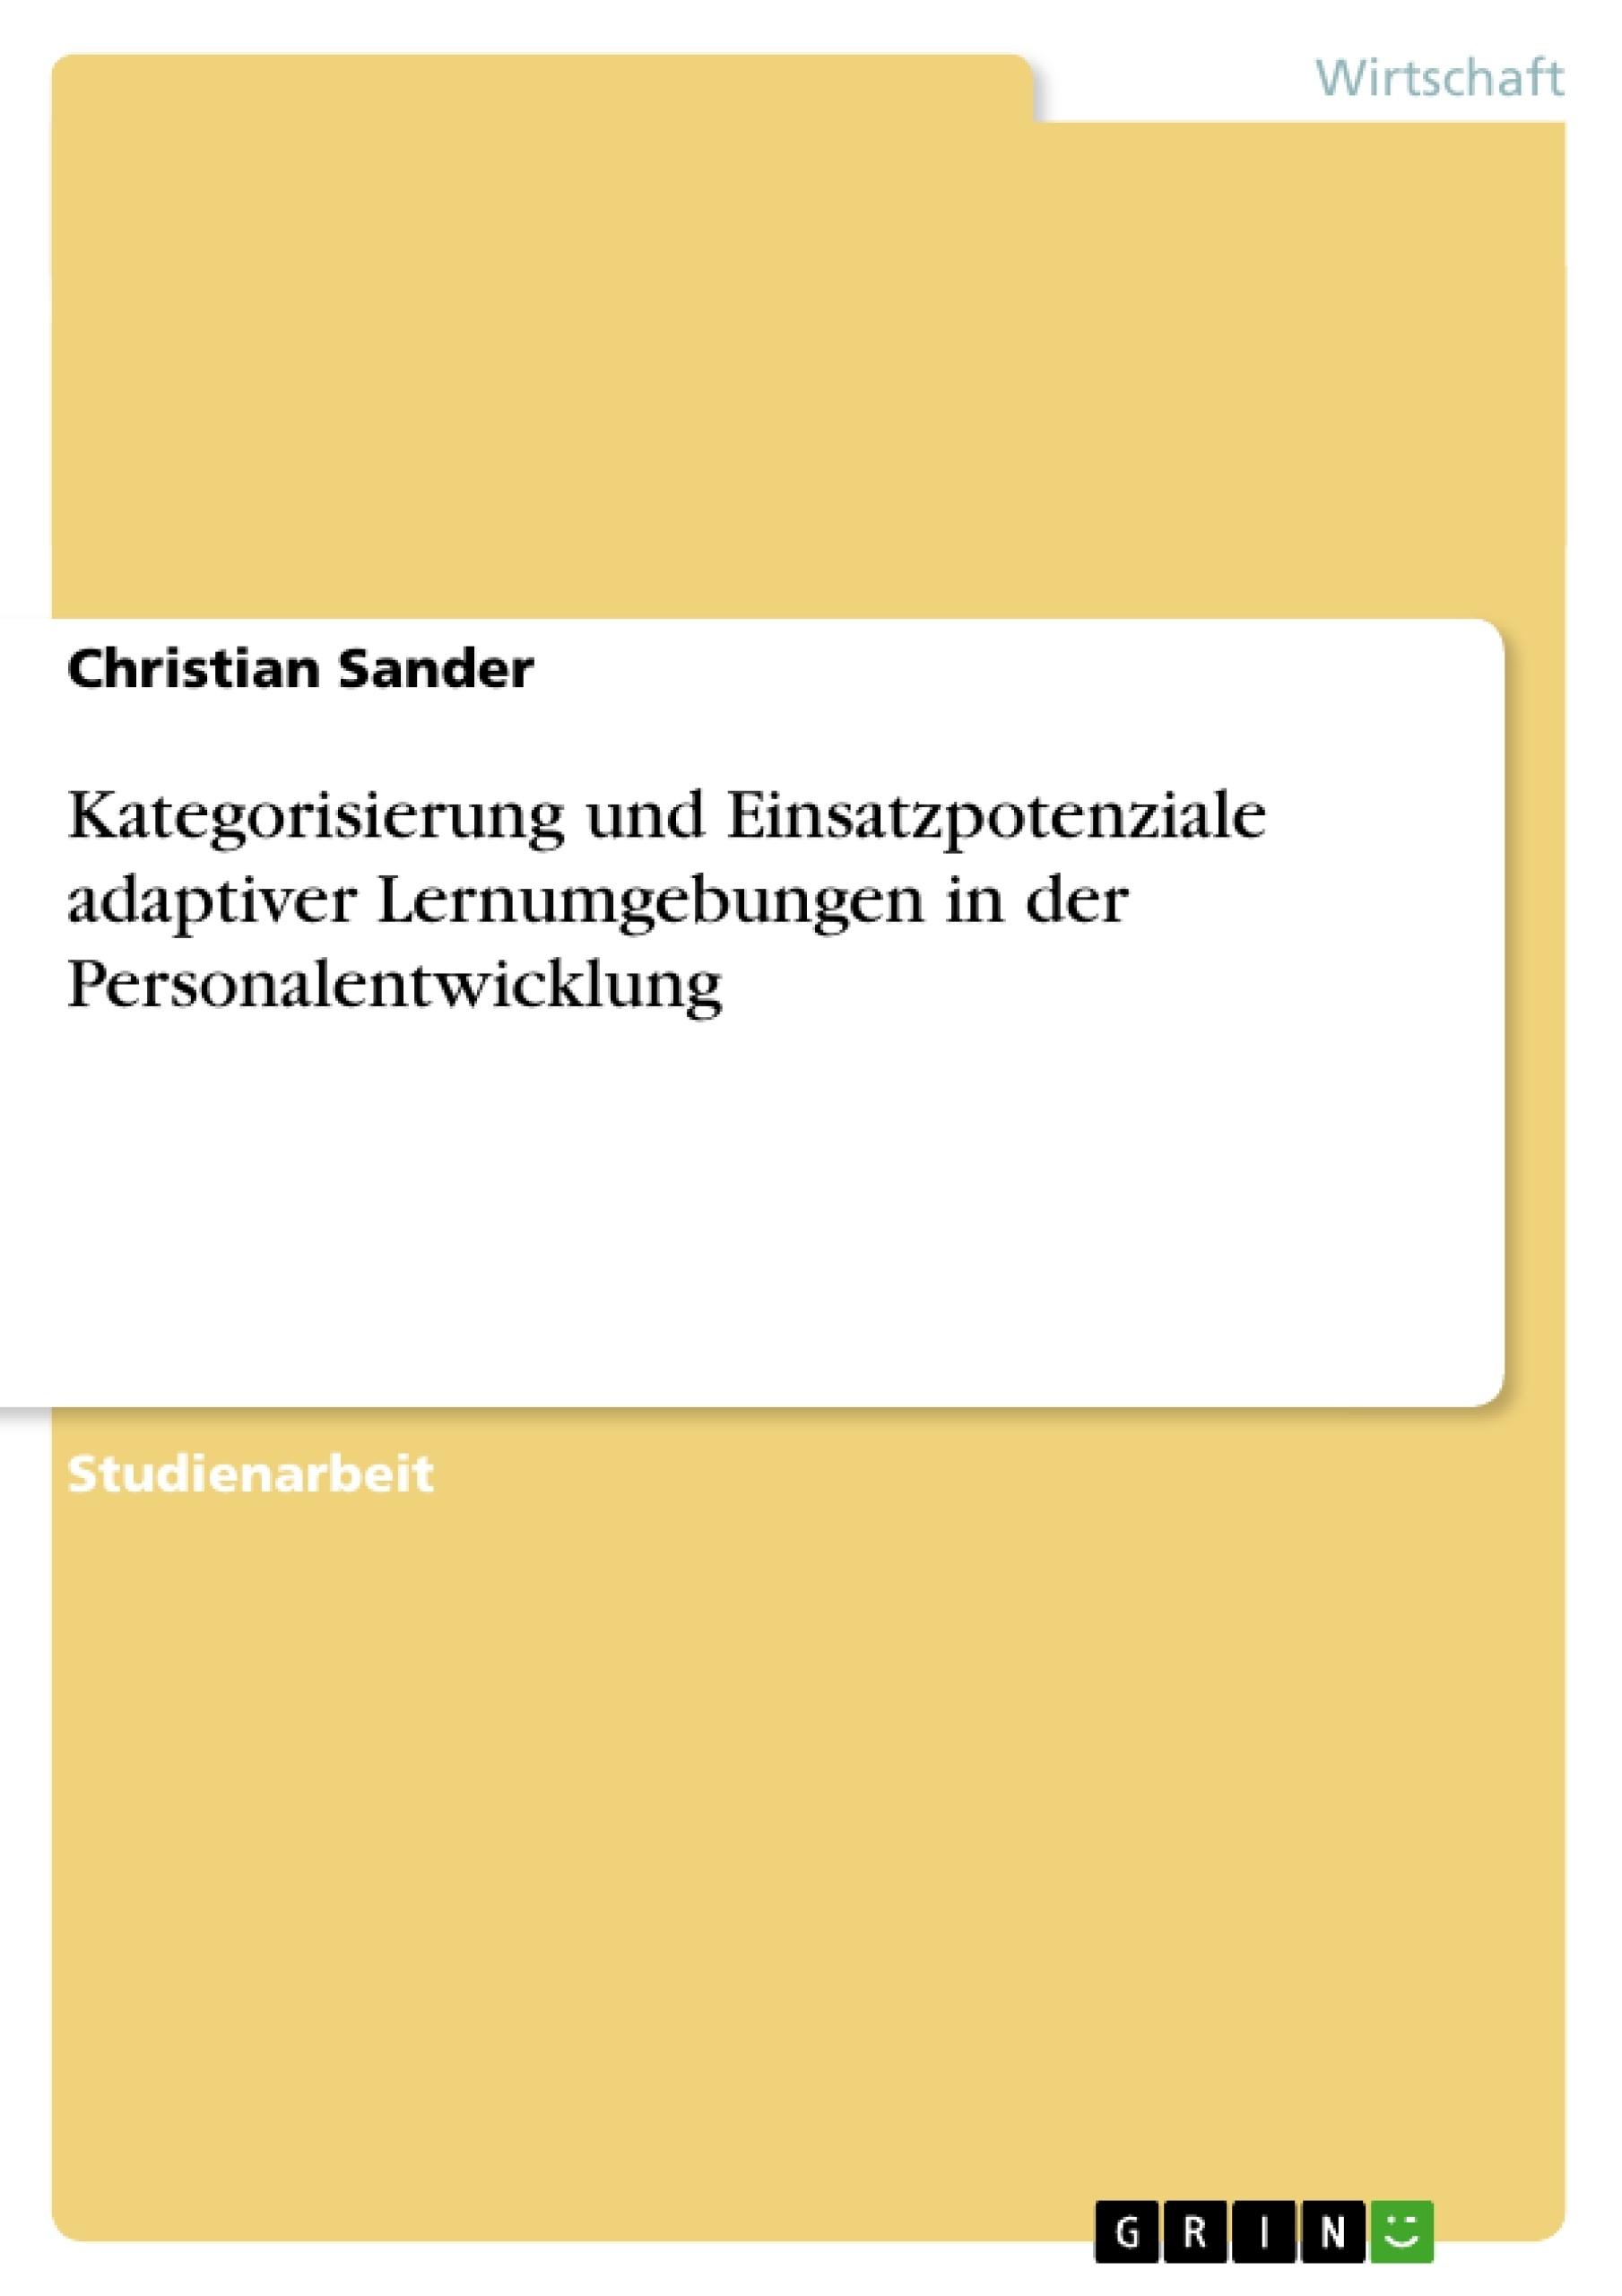 Titel: Kategorisierung und Einsatzpotenziale adaptiver Lernumgebungen in der Personalentwicklung